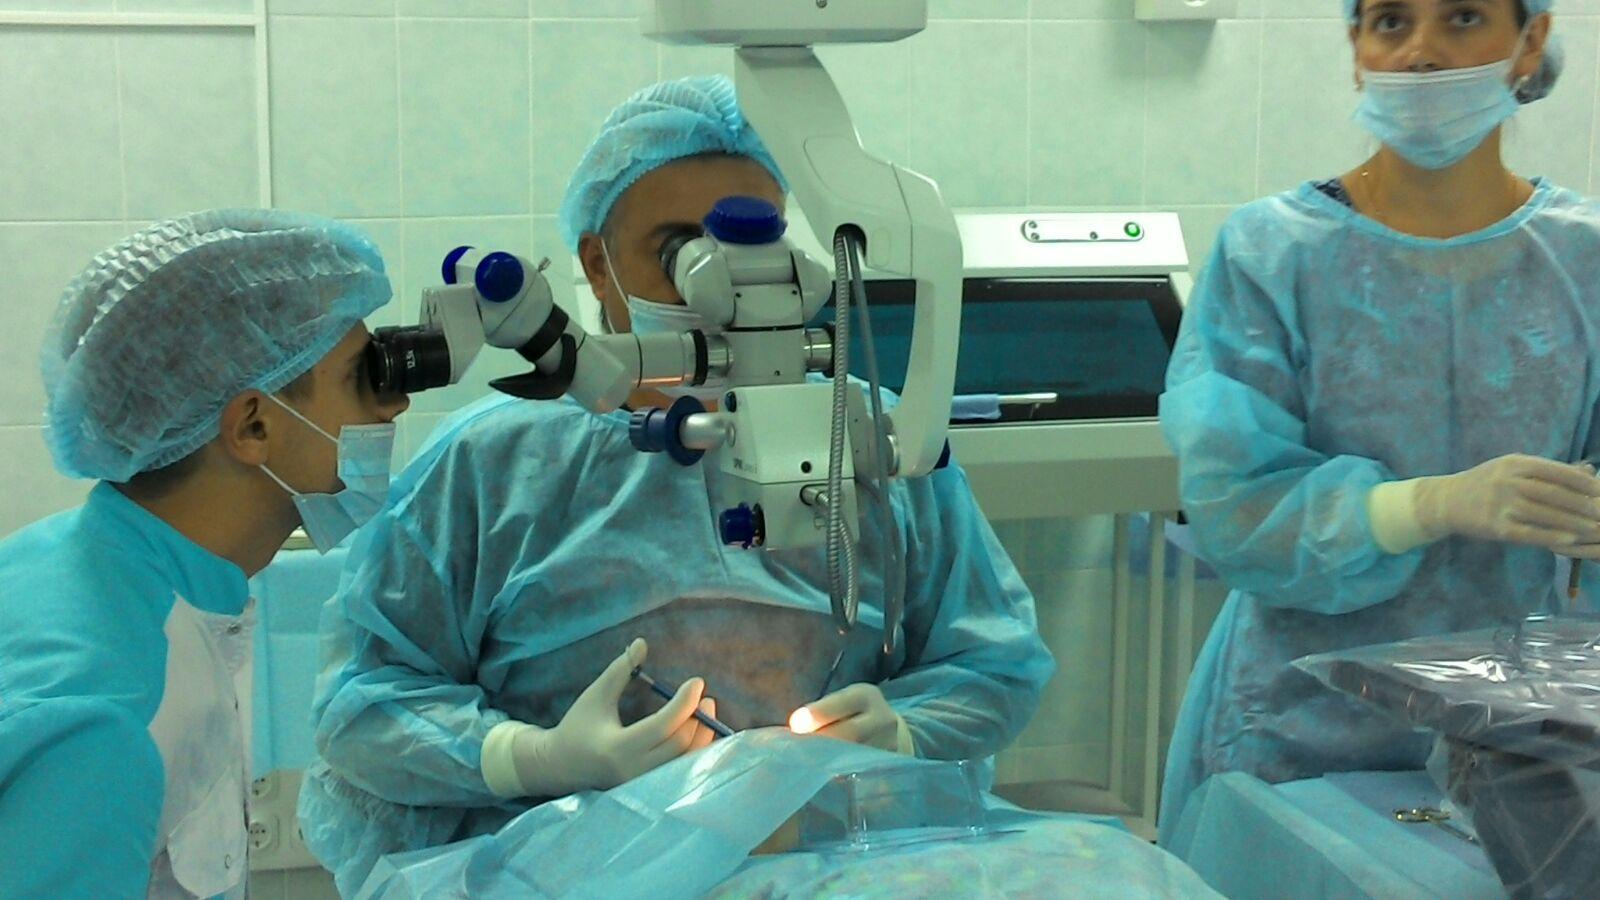 Рязанские врачи спасли зрение ребёнку с тяжёлой травмой глаза